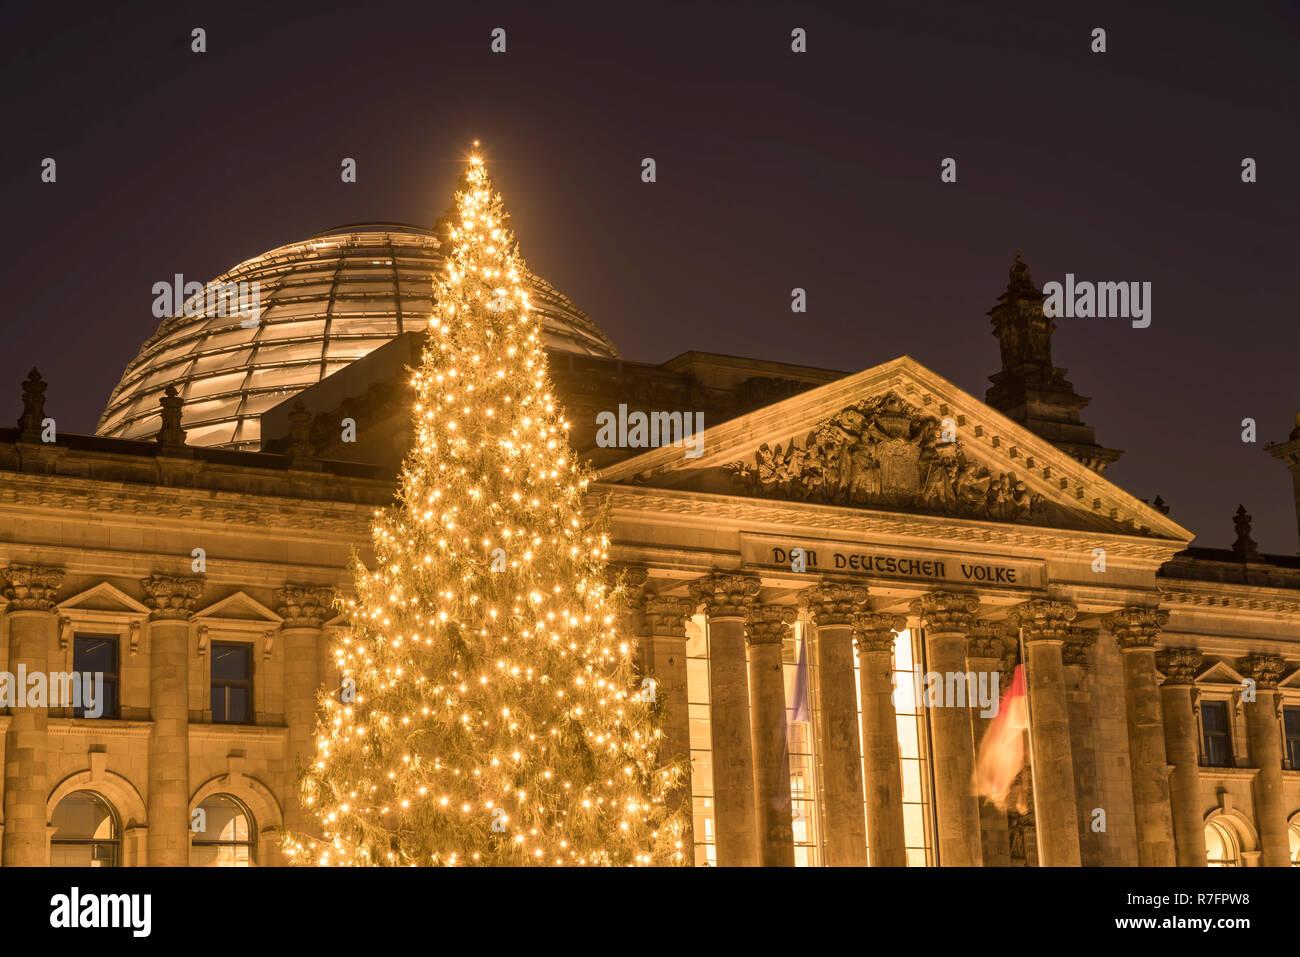 Weihnachtsbaum Berlin.Weihnachtsbaum Vor Der Reichstag Berlin Stockfoto Bild 228384612